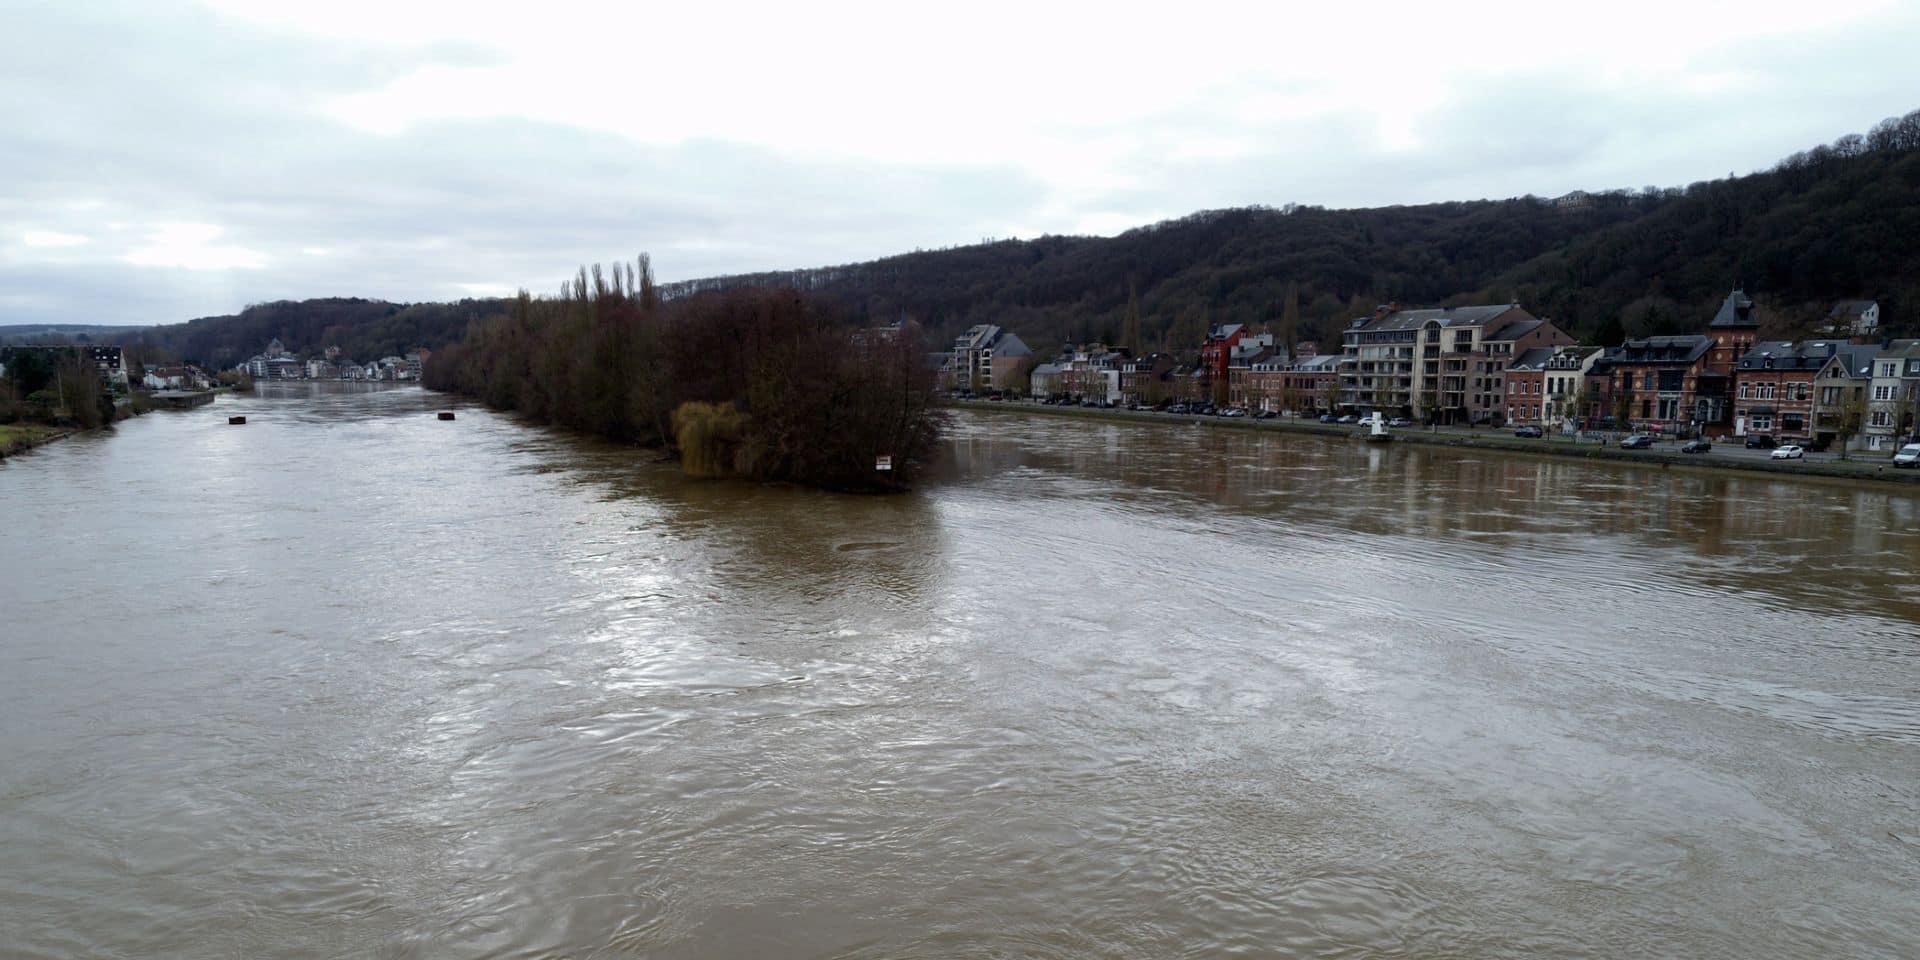 Tempête Ciara: la Haute Meuse, la Haute Semois et la Chiers en pré-alerte de crue